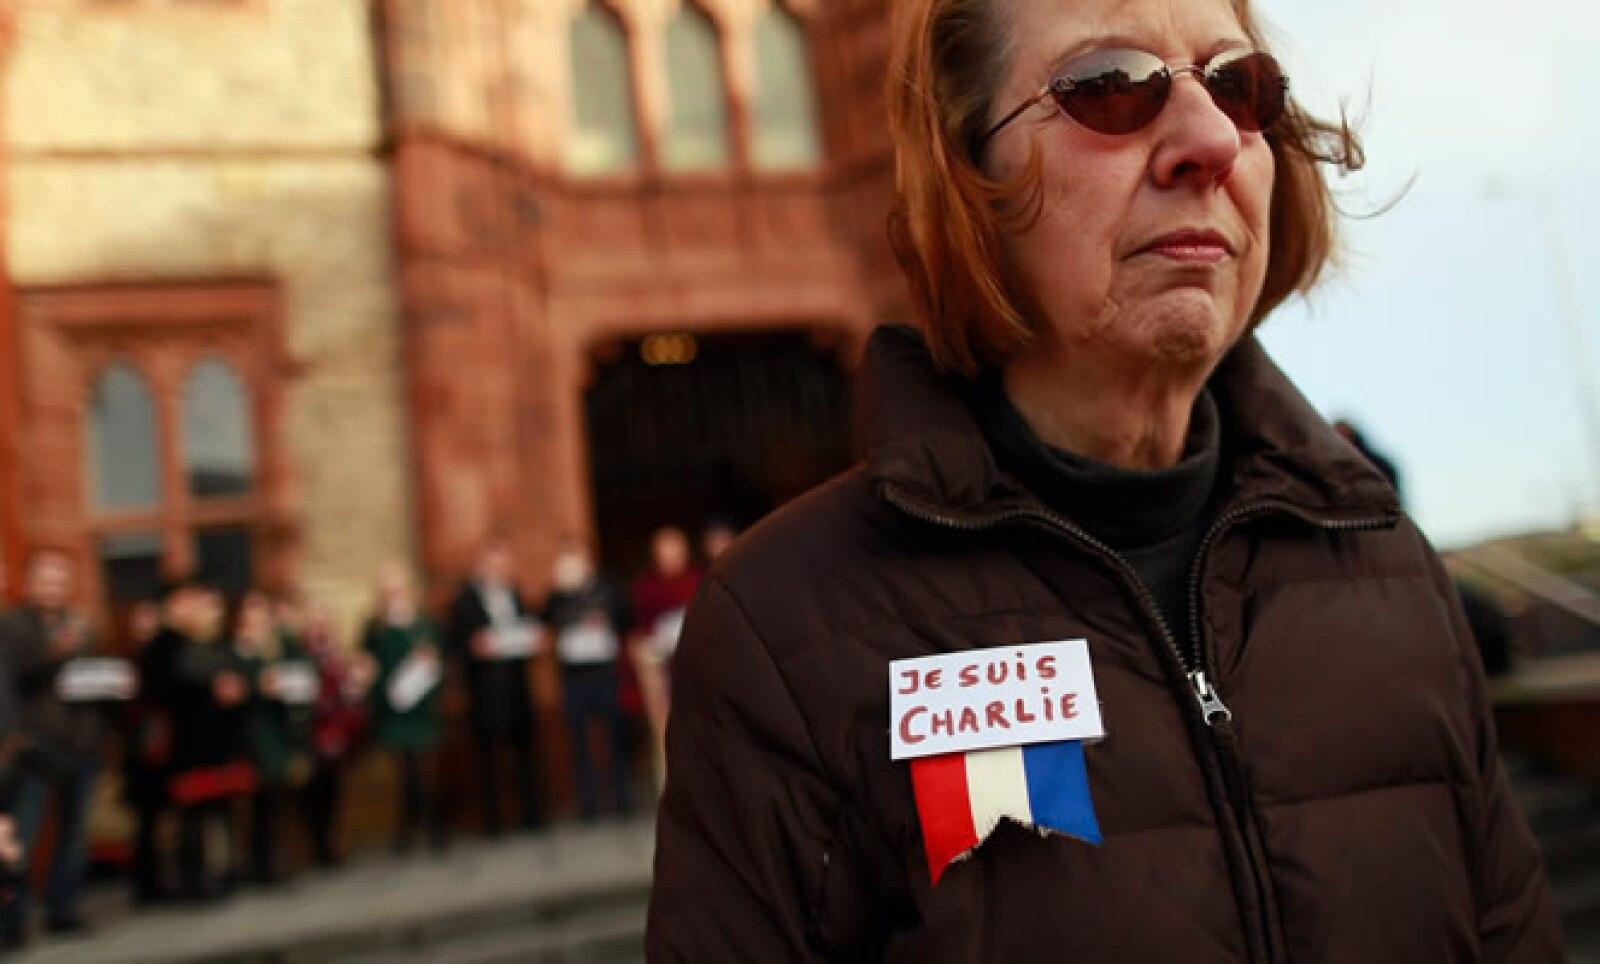 Personas salieron a las calles con pequeñas banderas de Francia en el pecho.